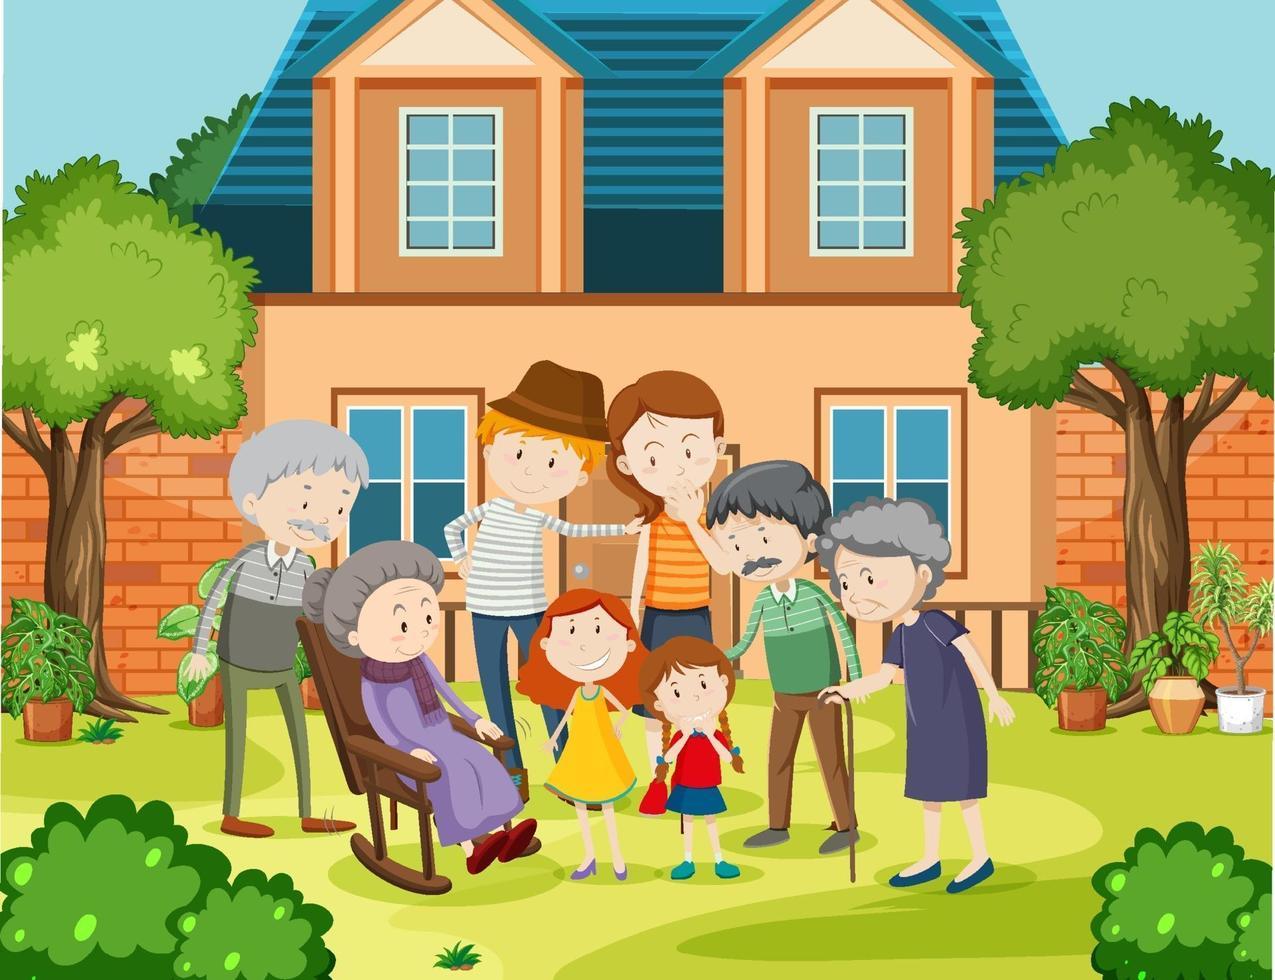 lid van de familie thuis buiten scène vector